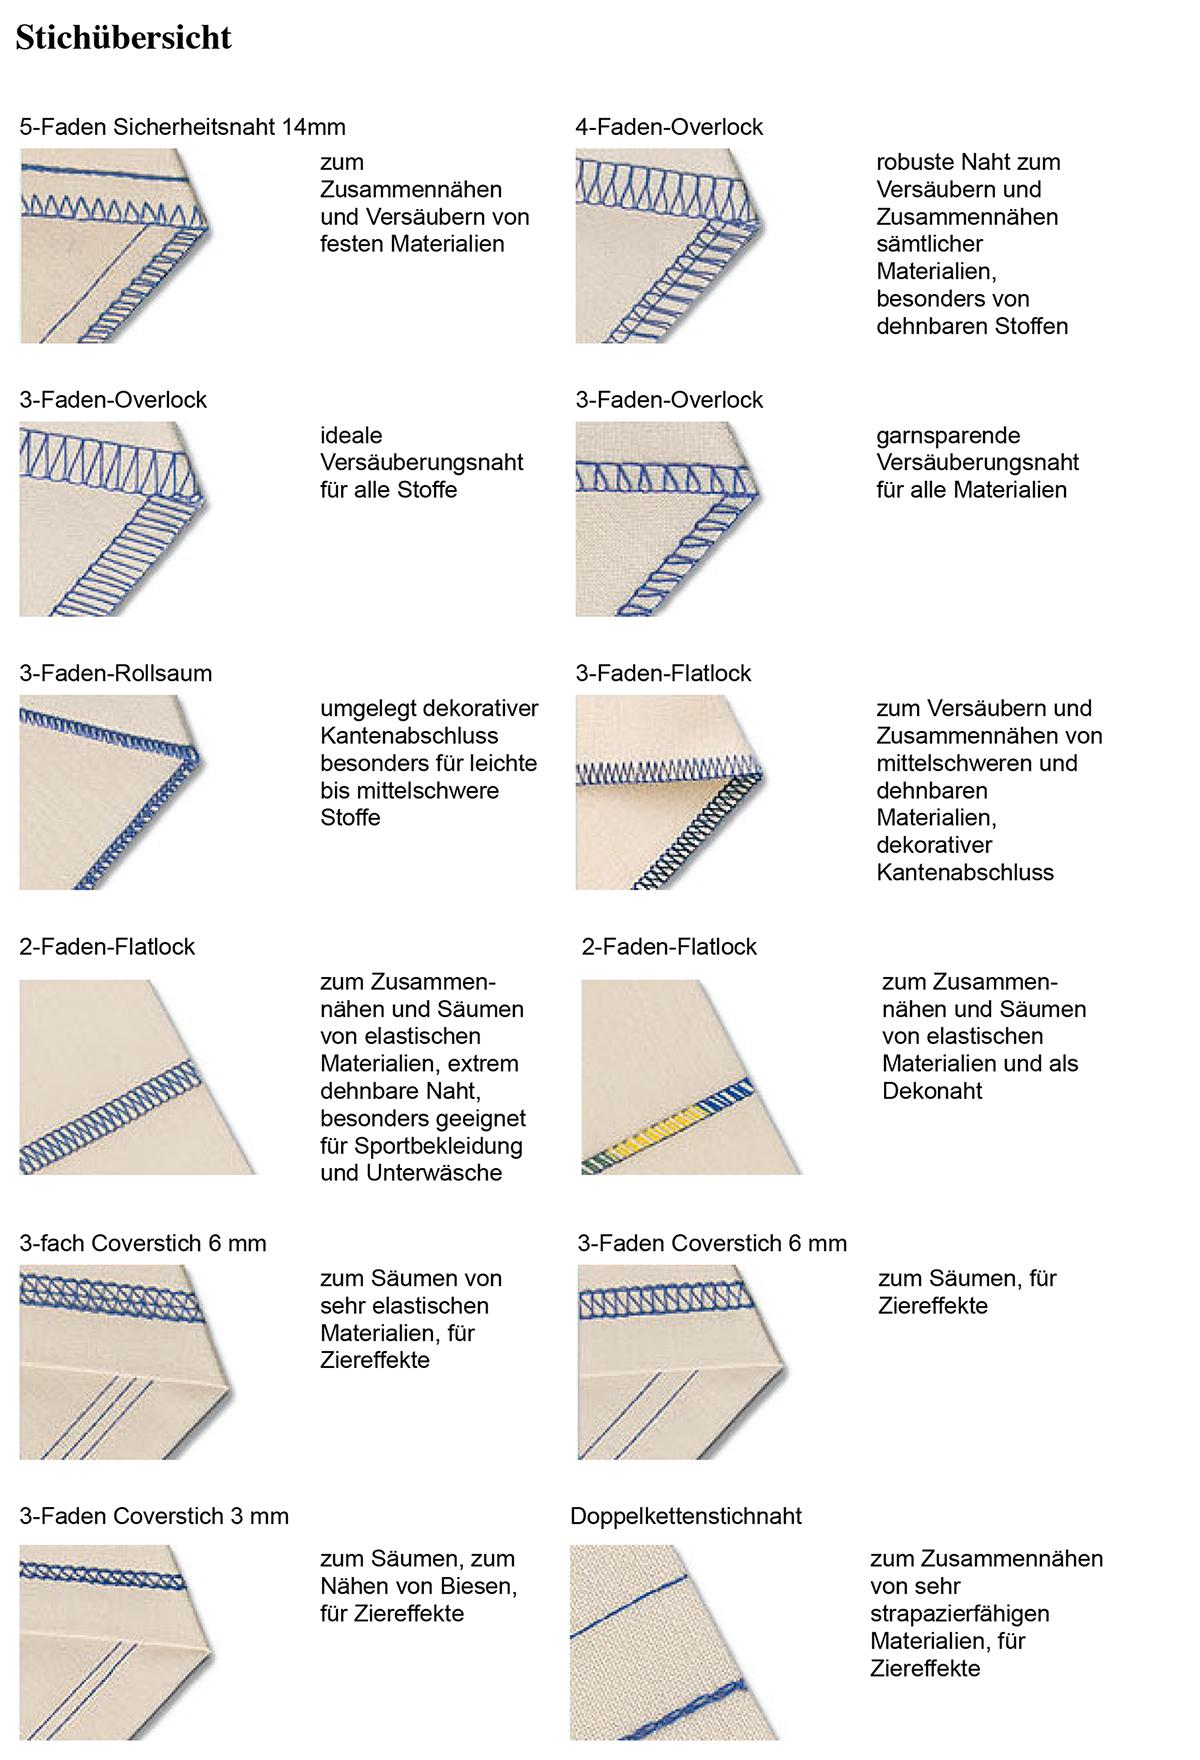 Stichubersicht-Coverlockstiche-1